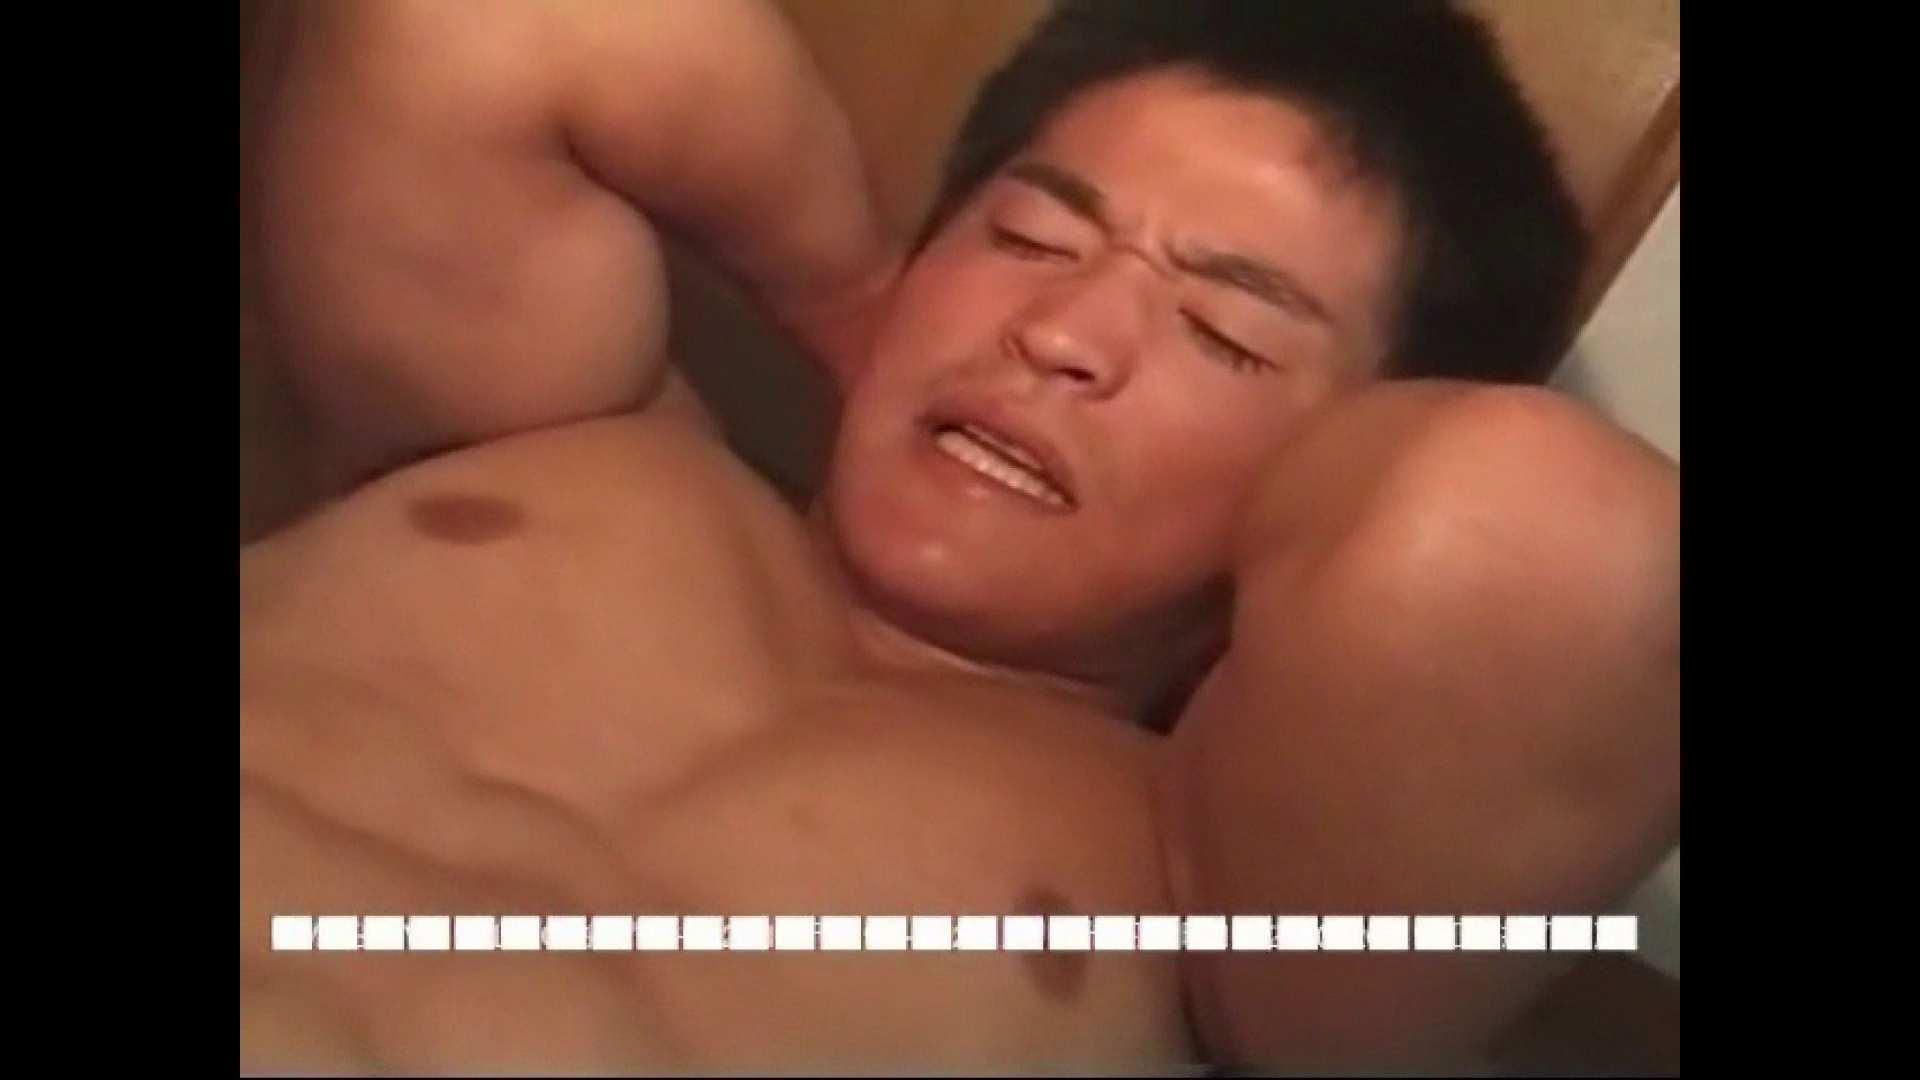 オナれ!集まれ!イケてるメンズ達!!File.02 ドキュメント ゲイエロ動画 109枚 109